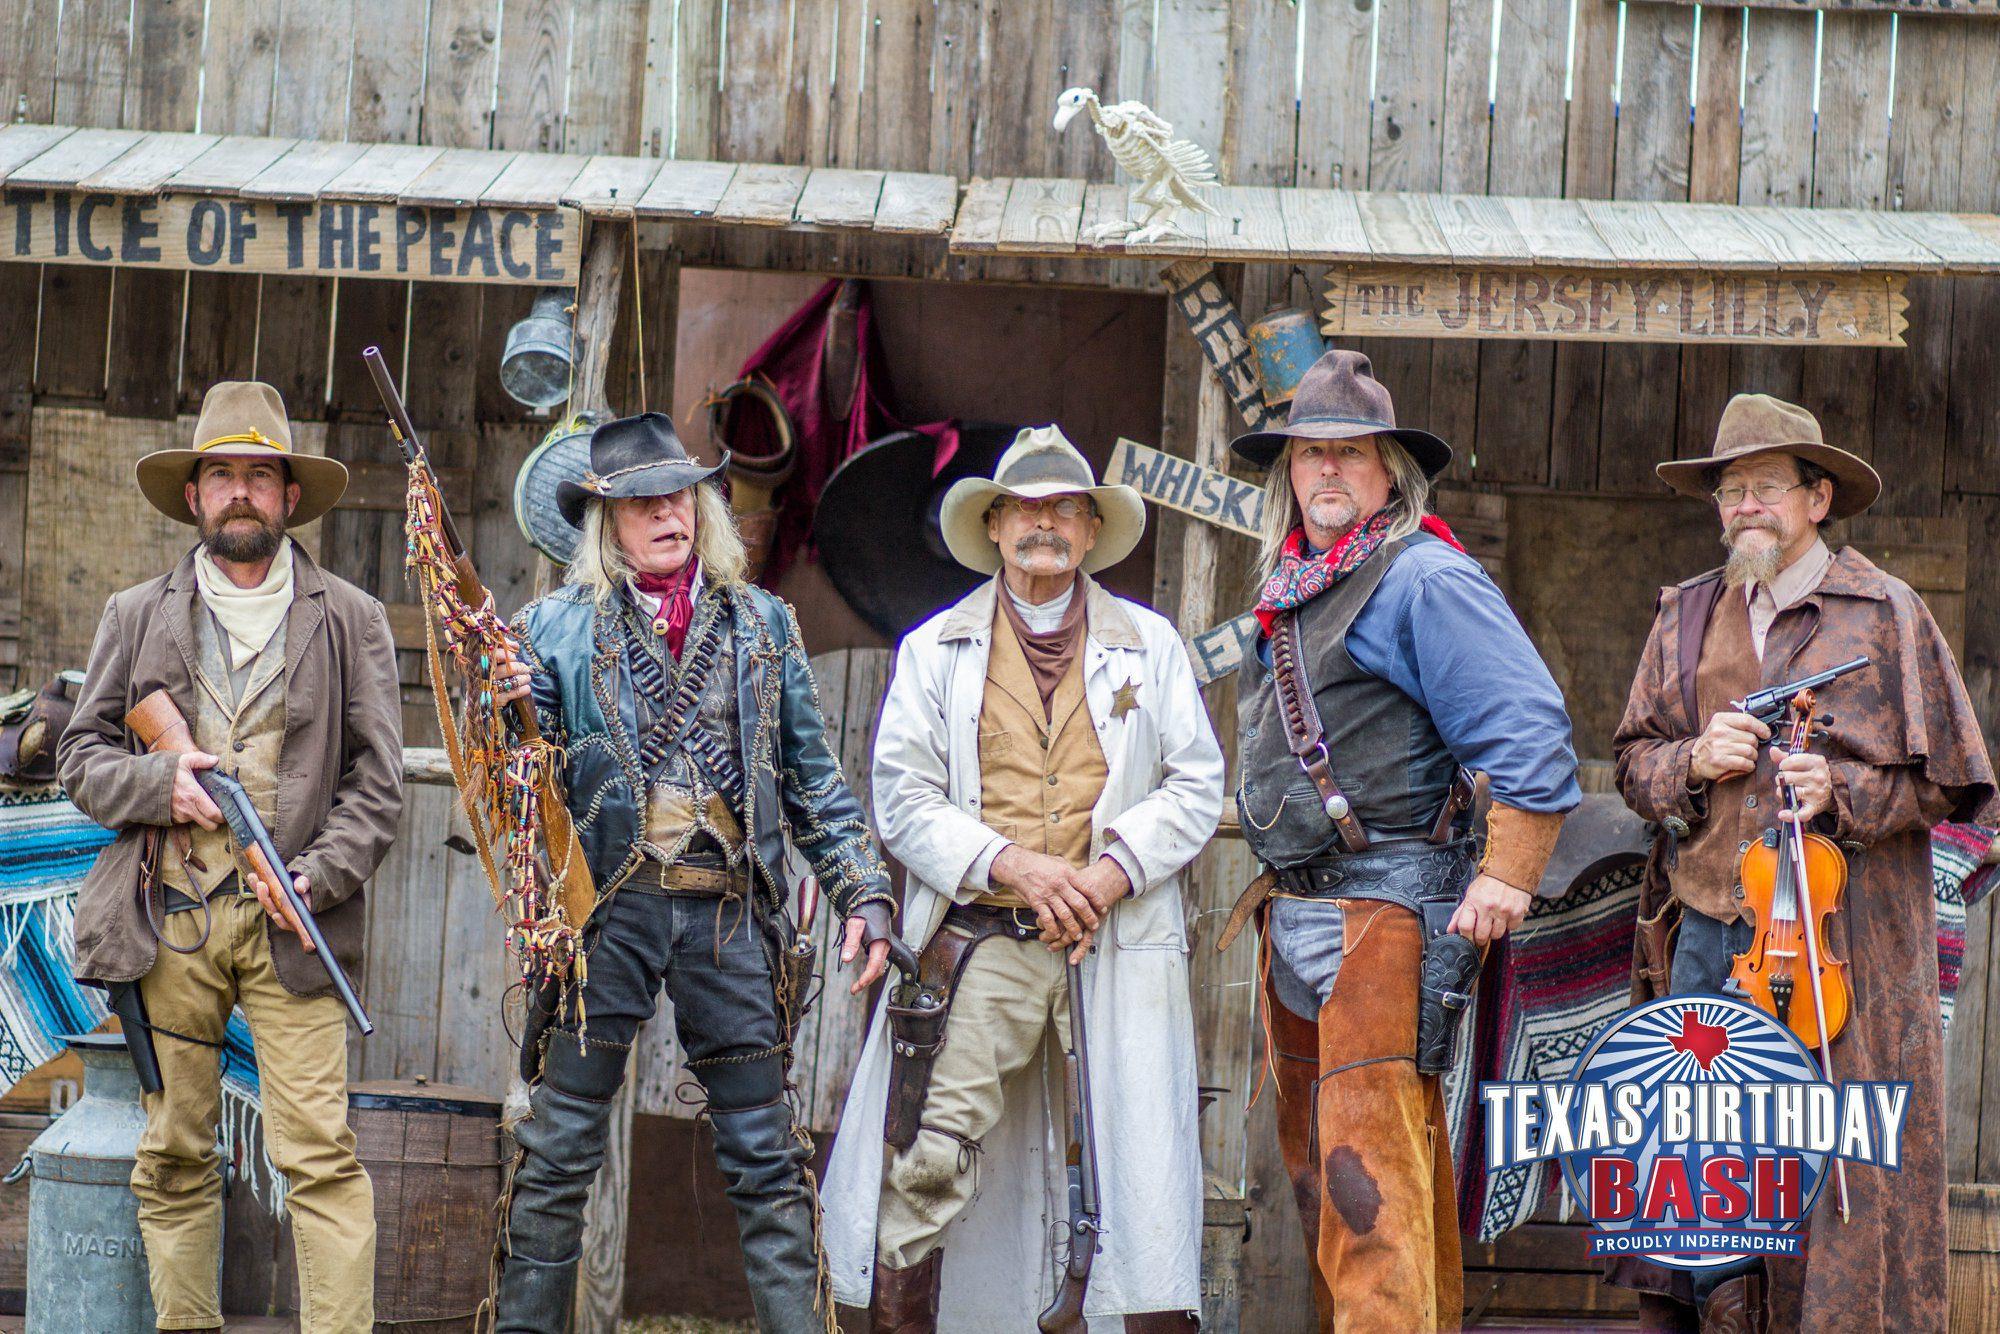 Texas Birthday Bash